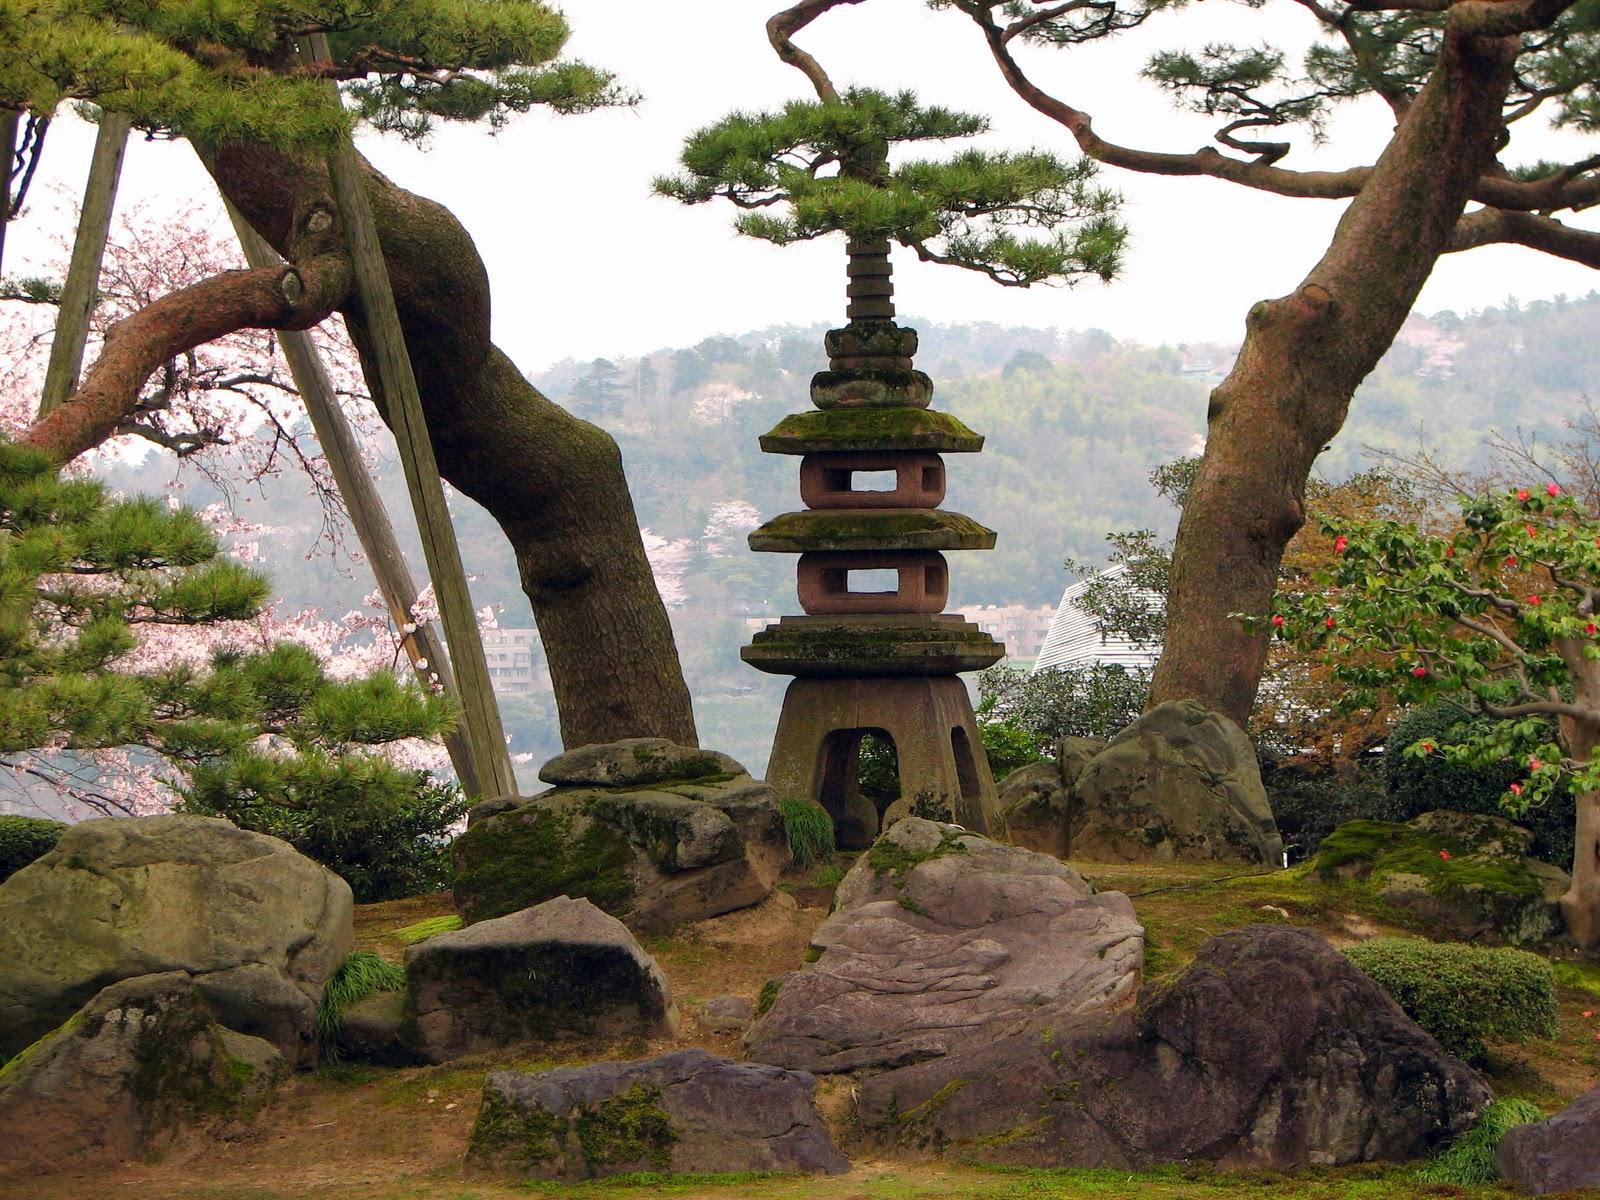 Jardinitis los jardines de kenroku en jap n for Jardin kenrokuen